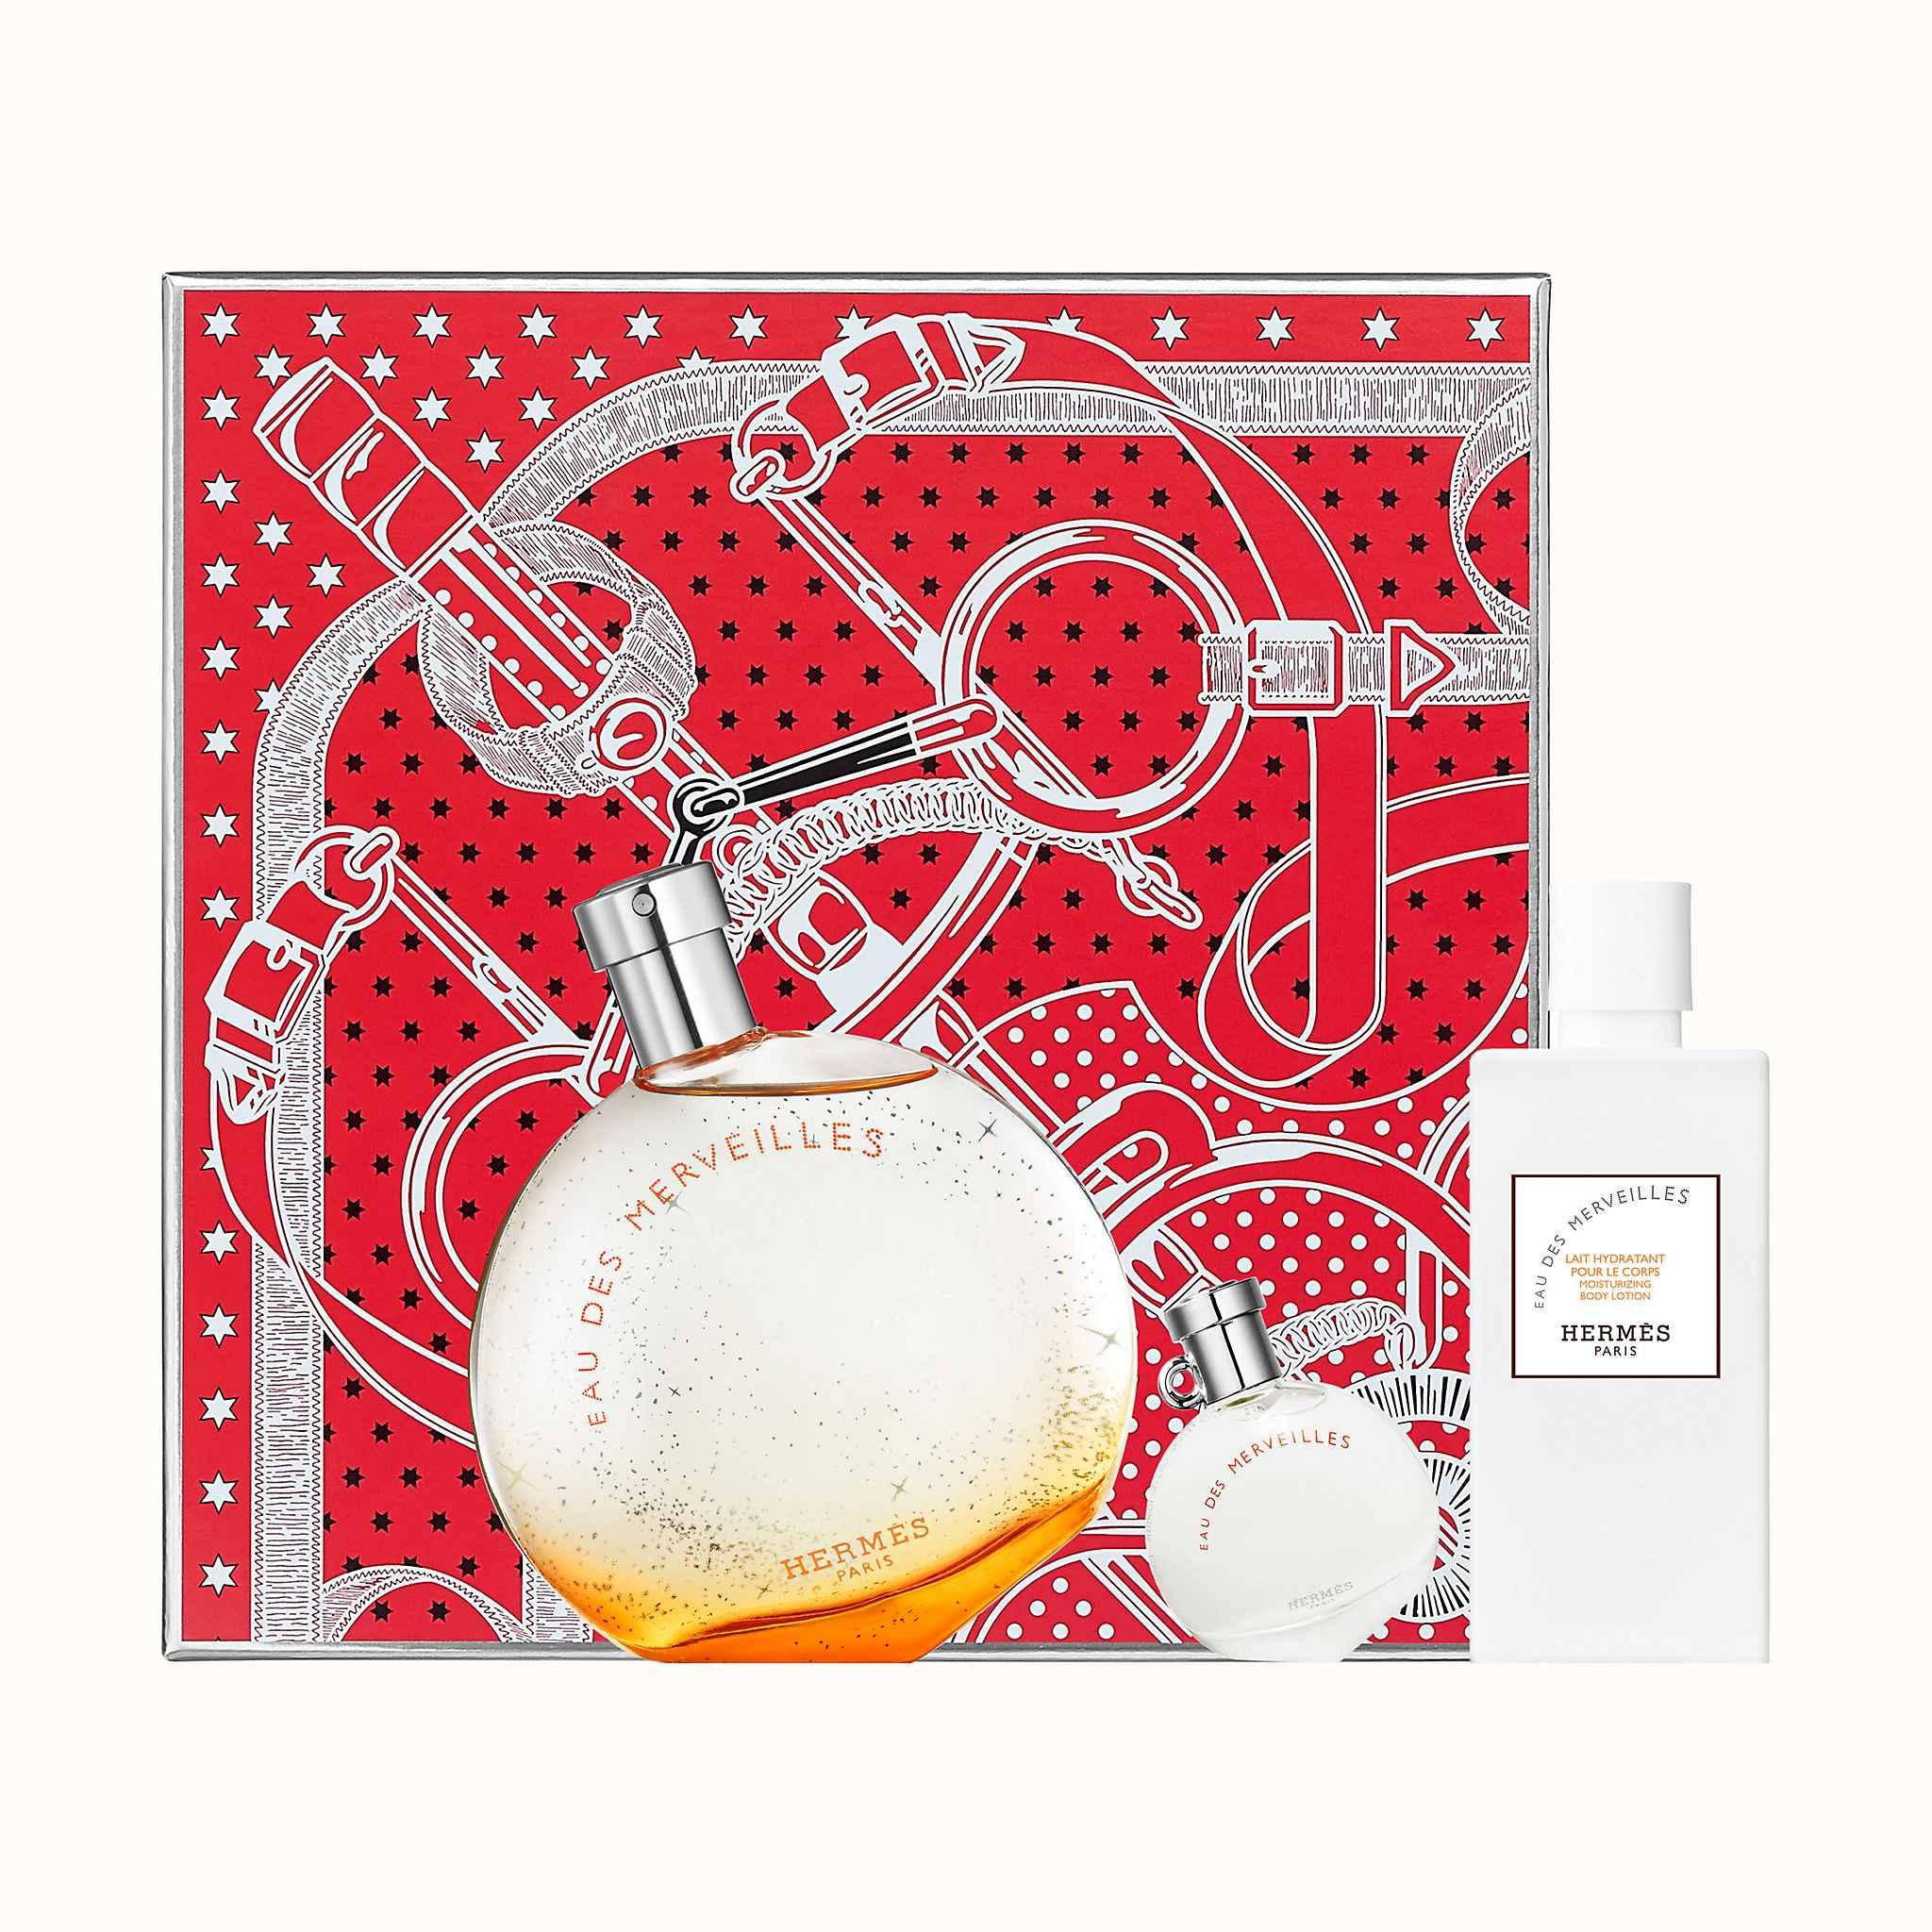 86a7ae656b6405 Eau des merveilles eau de toilette set hermès jpg 2048x2048 Youtube shows  tales answers 100 fairy